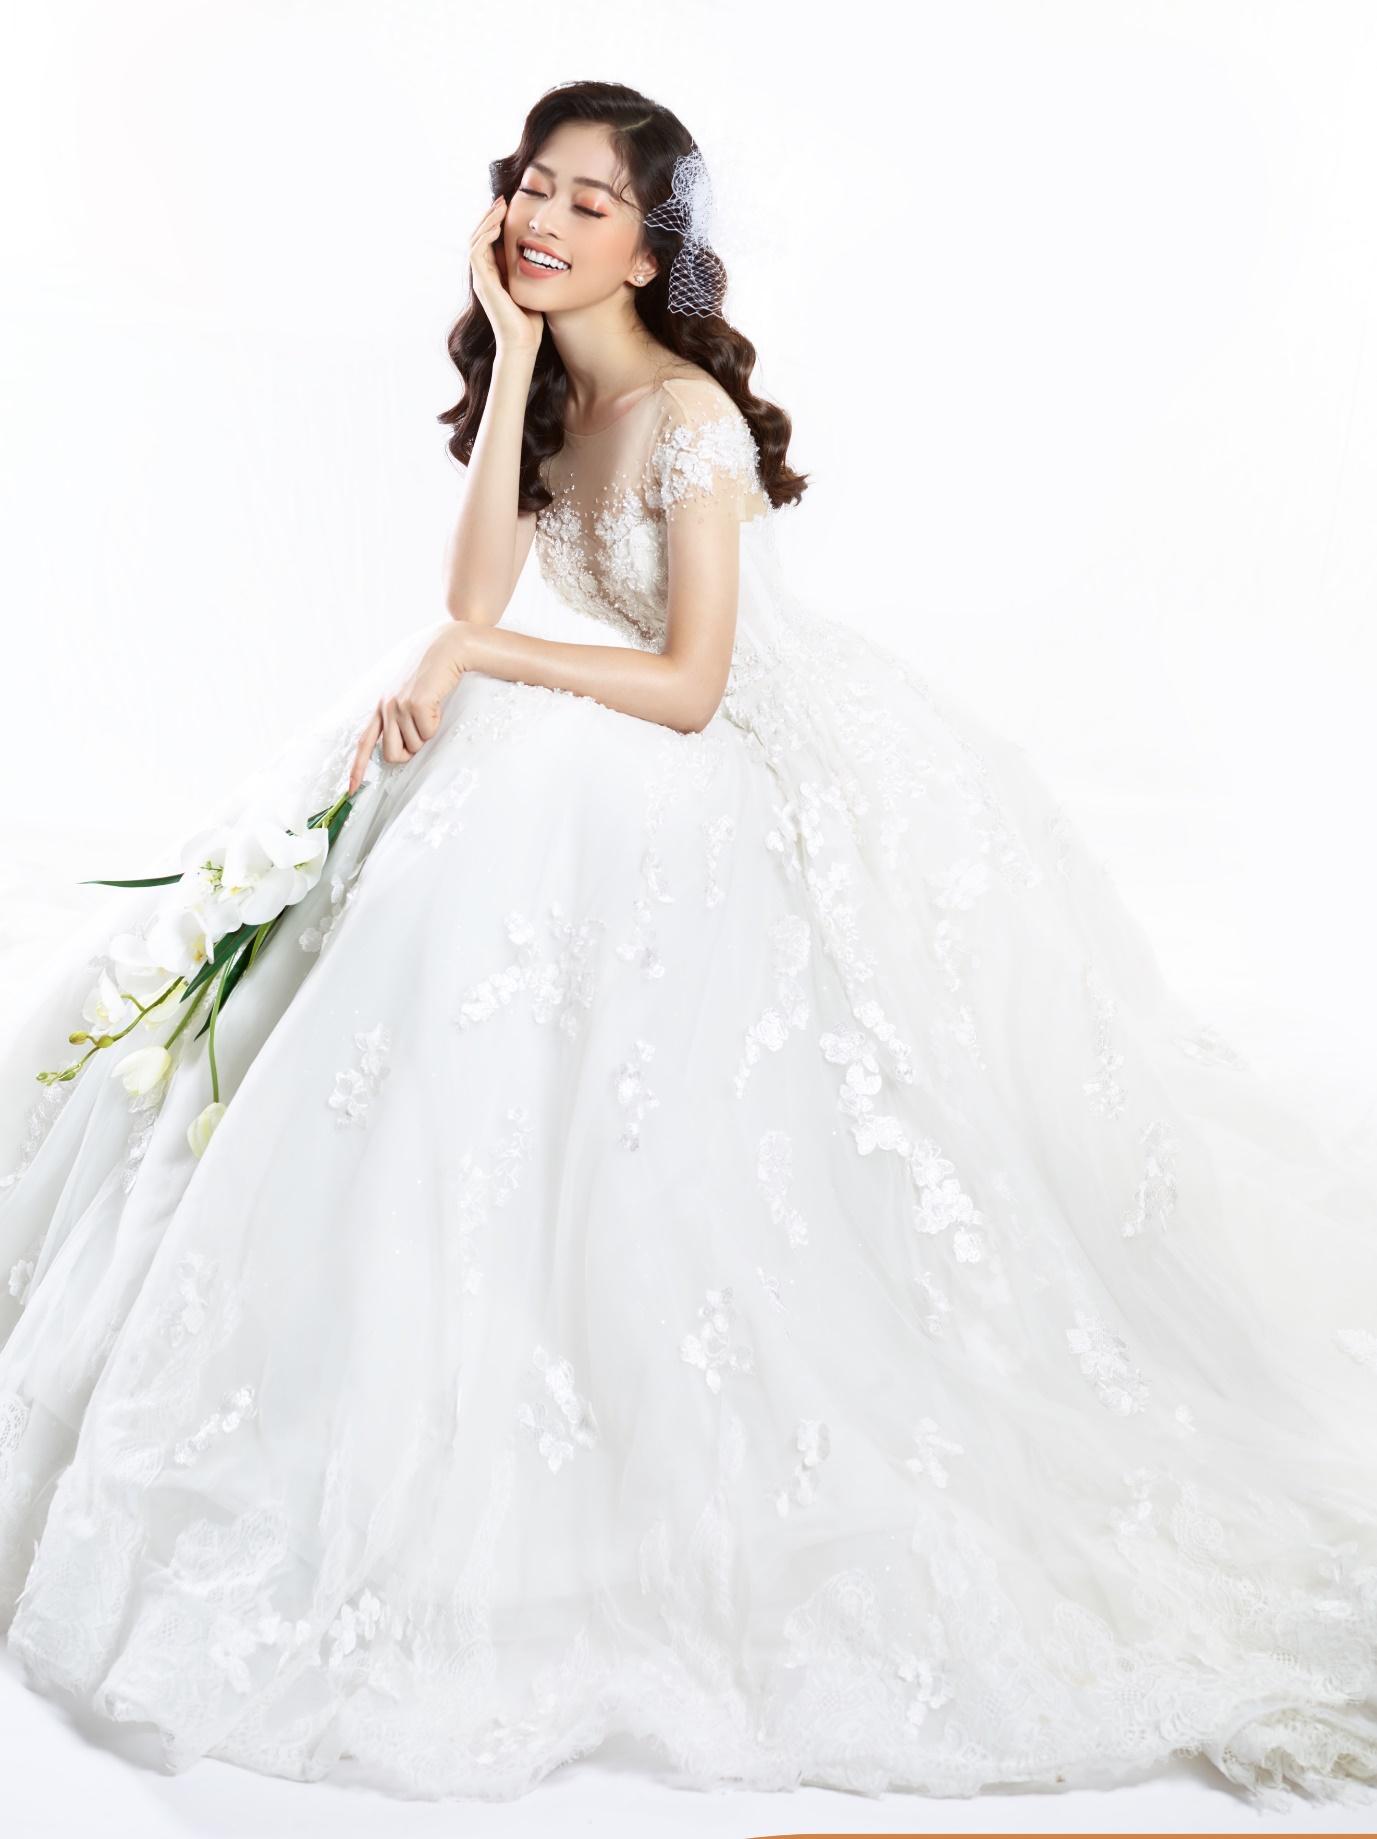 Ngắm Á hậu Bùi Phương Nga đẹp ngẩn ngơ trong BST váy cưới - Ảnh 5.